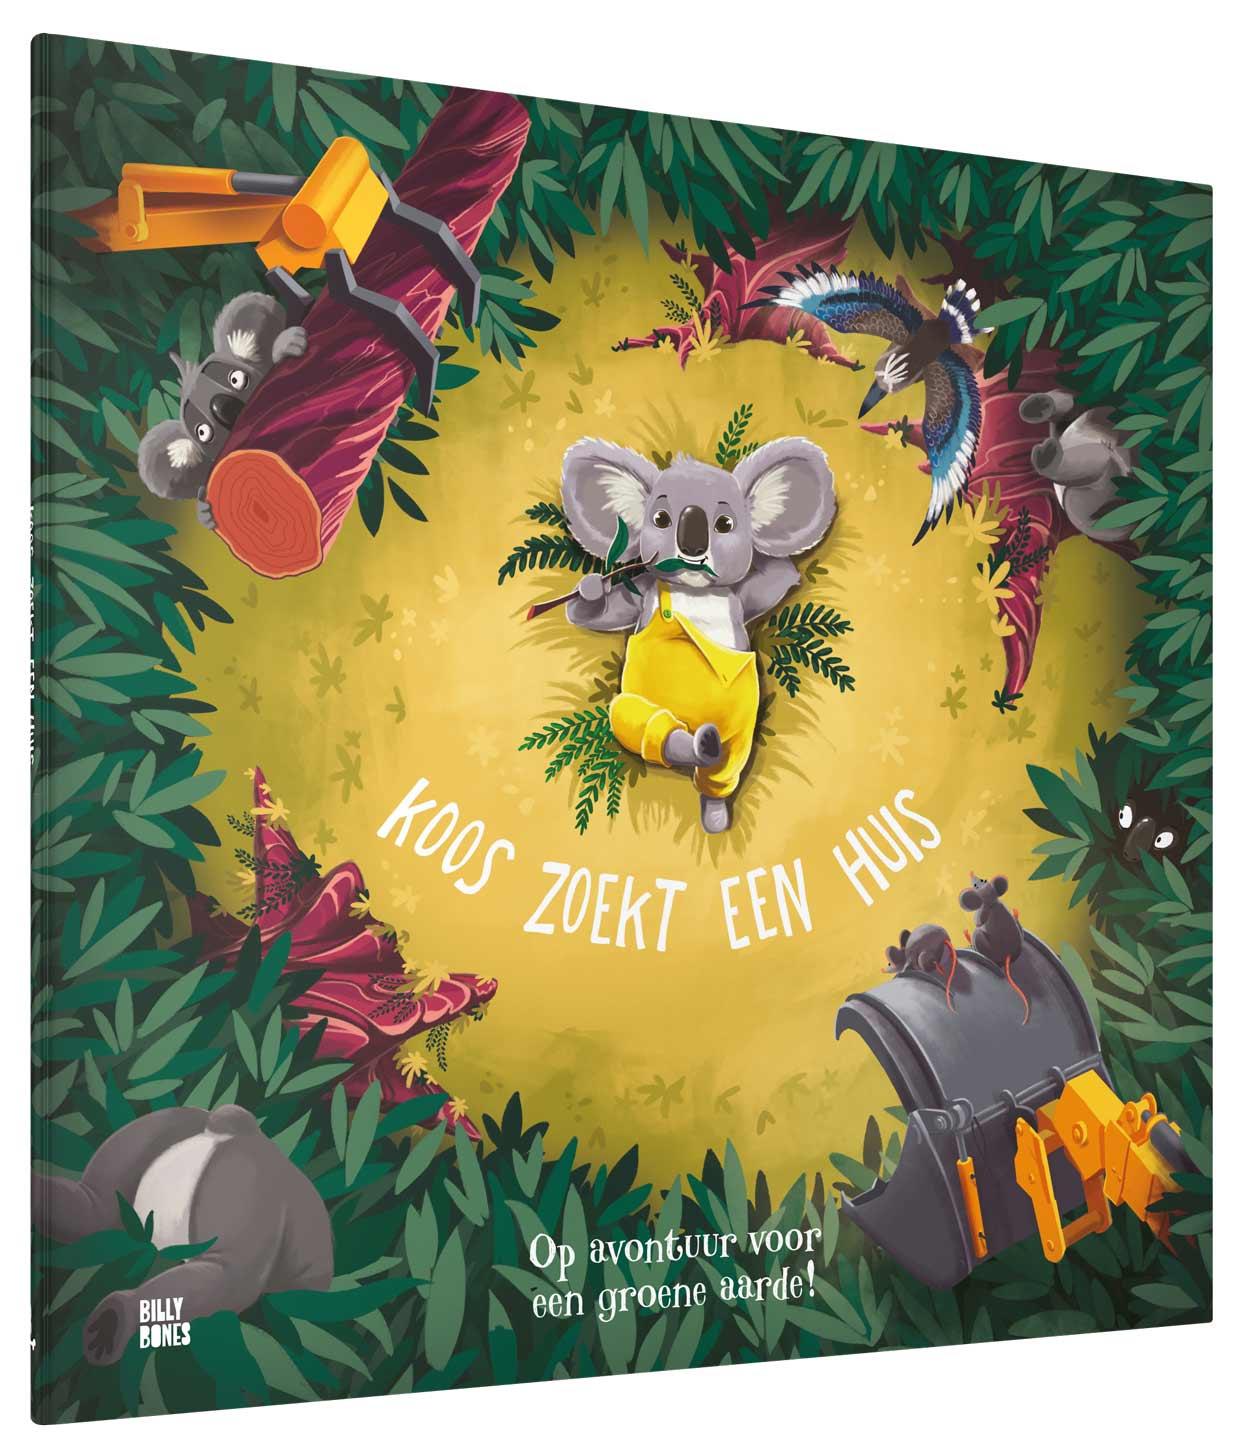 KOOS ZOEK EEN HUIS 3 D - Met deze boeken leren kinderen (en jij ook) meer over hoe we lief kunnen zijn van het milieu!